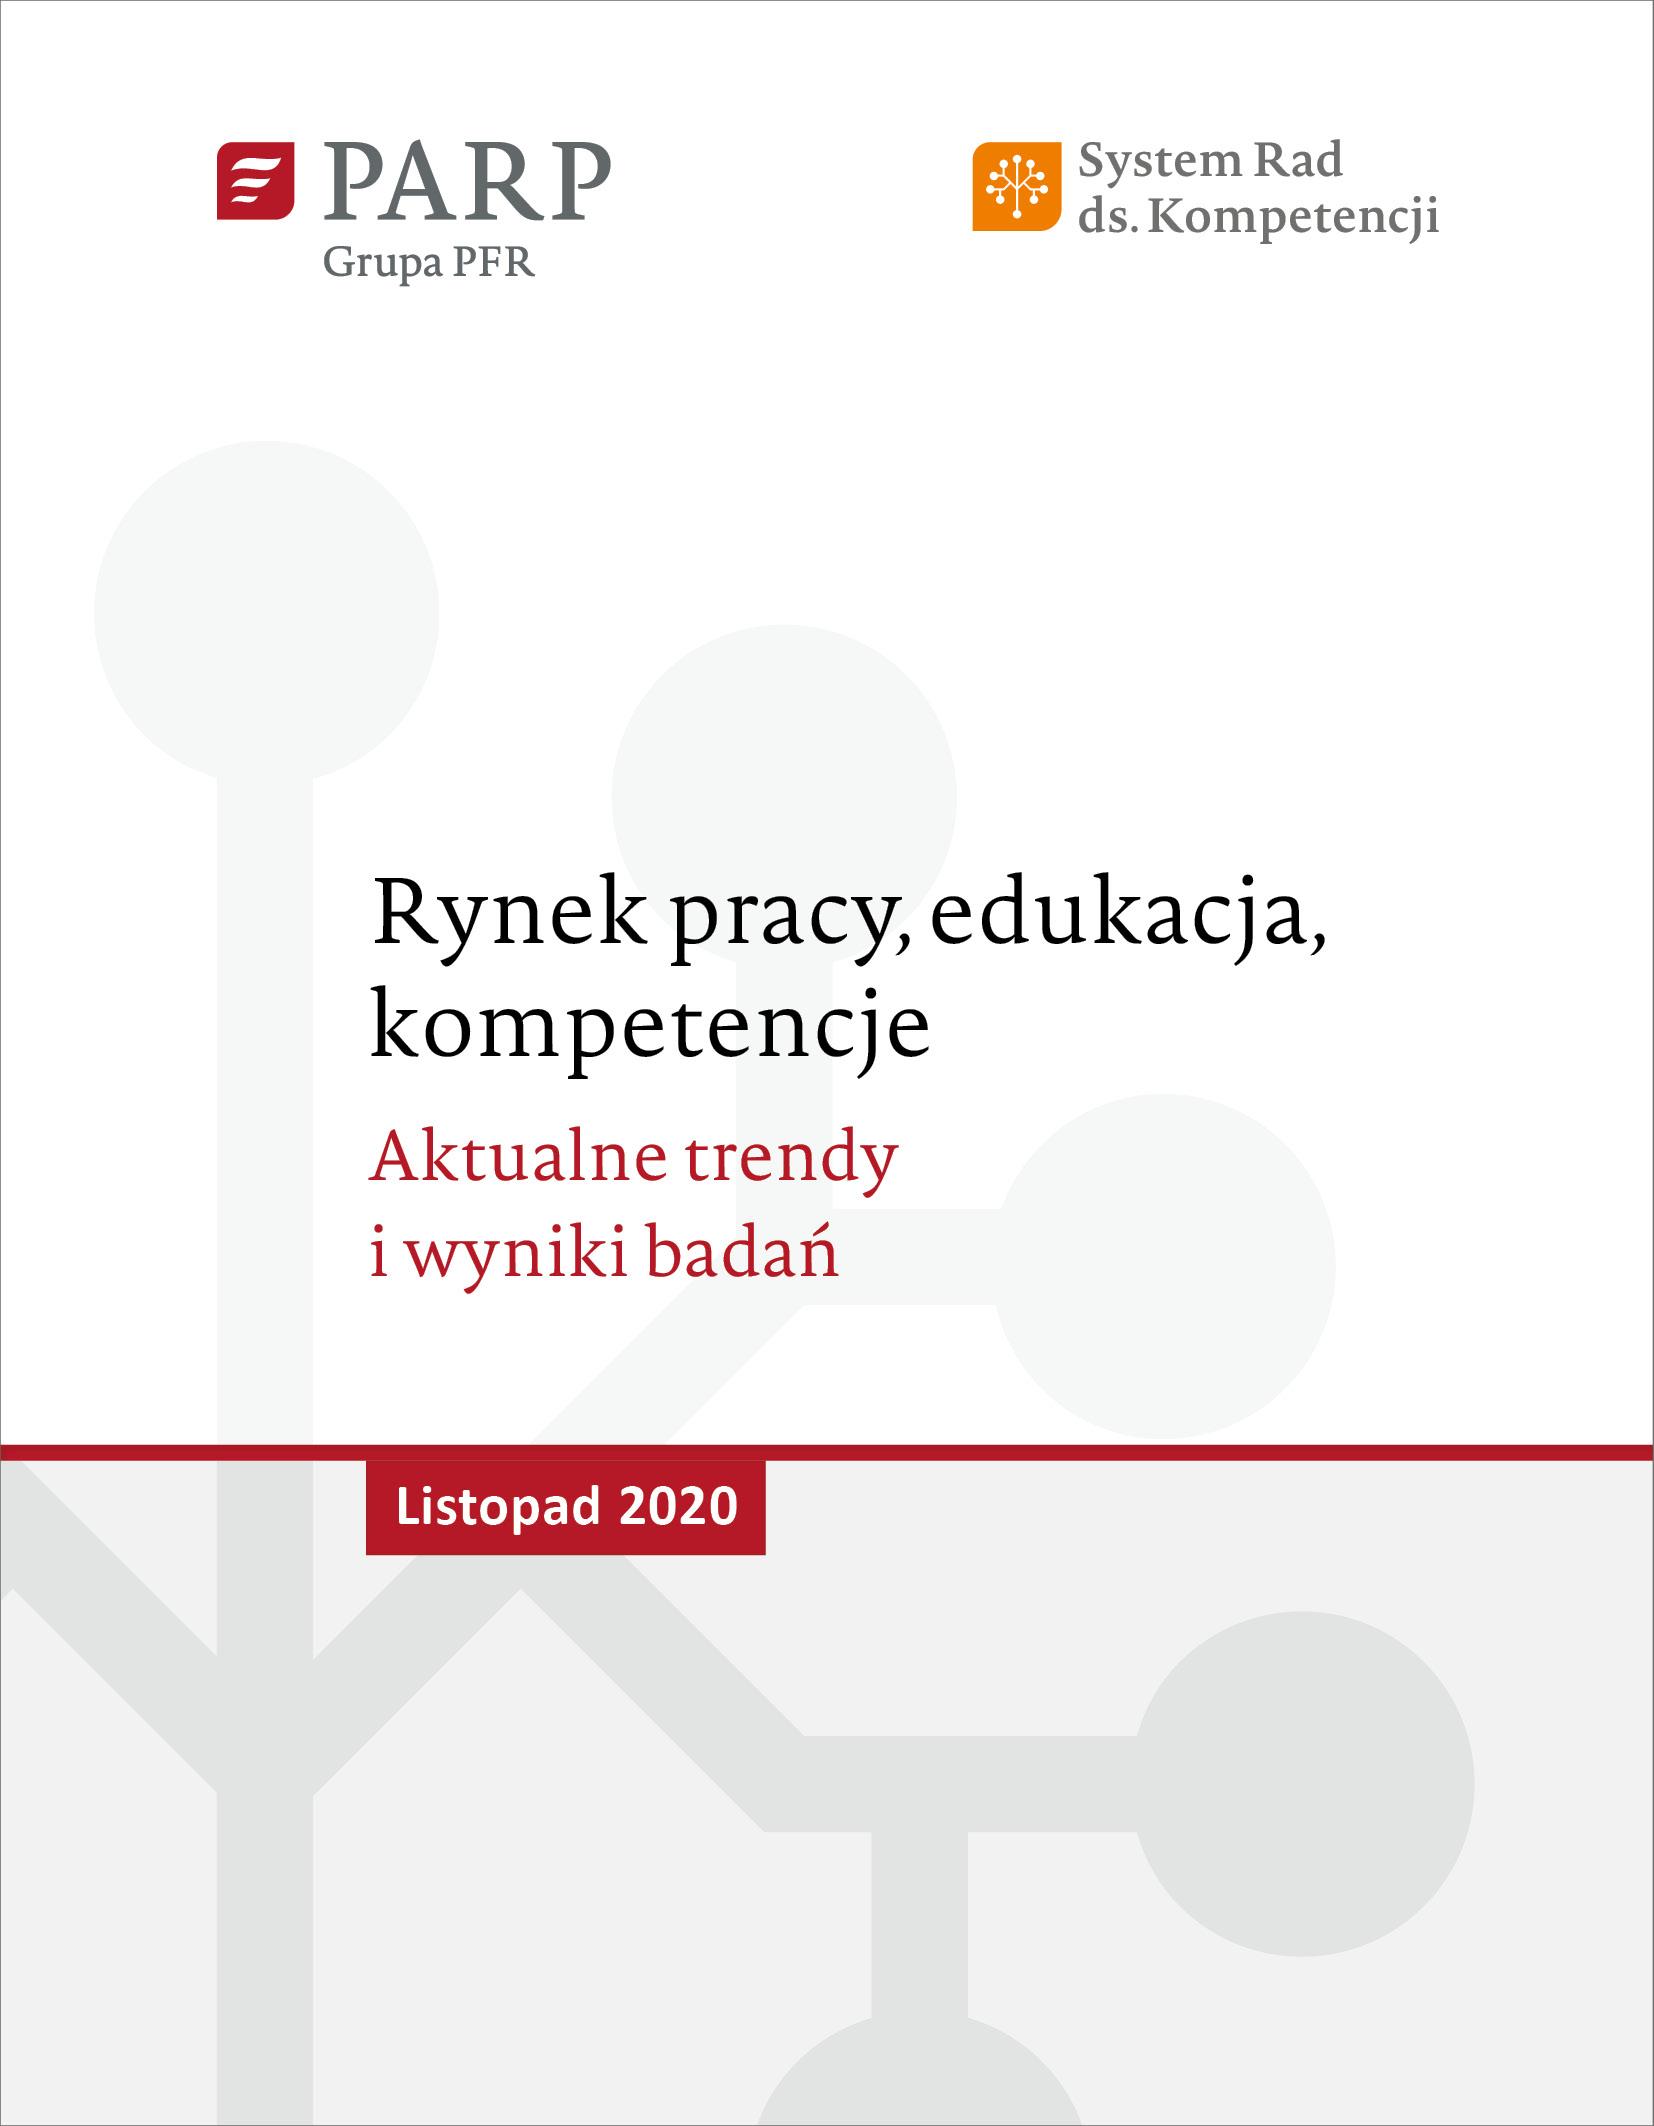 Rynek pracy, edukacja, kompetencje - listopad 2020